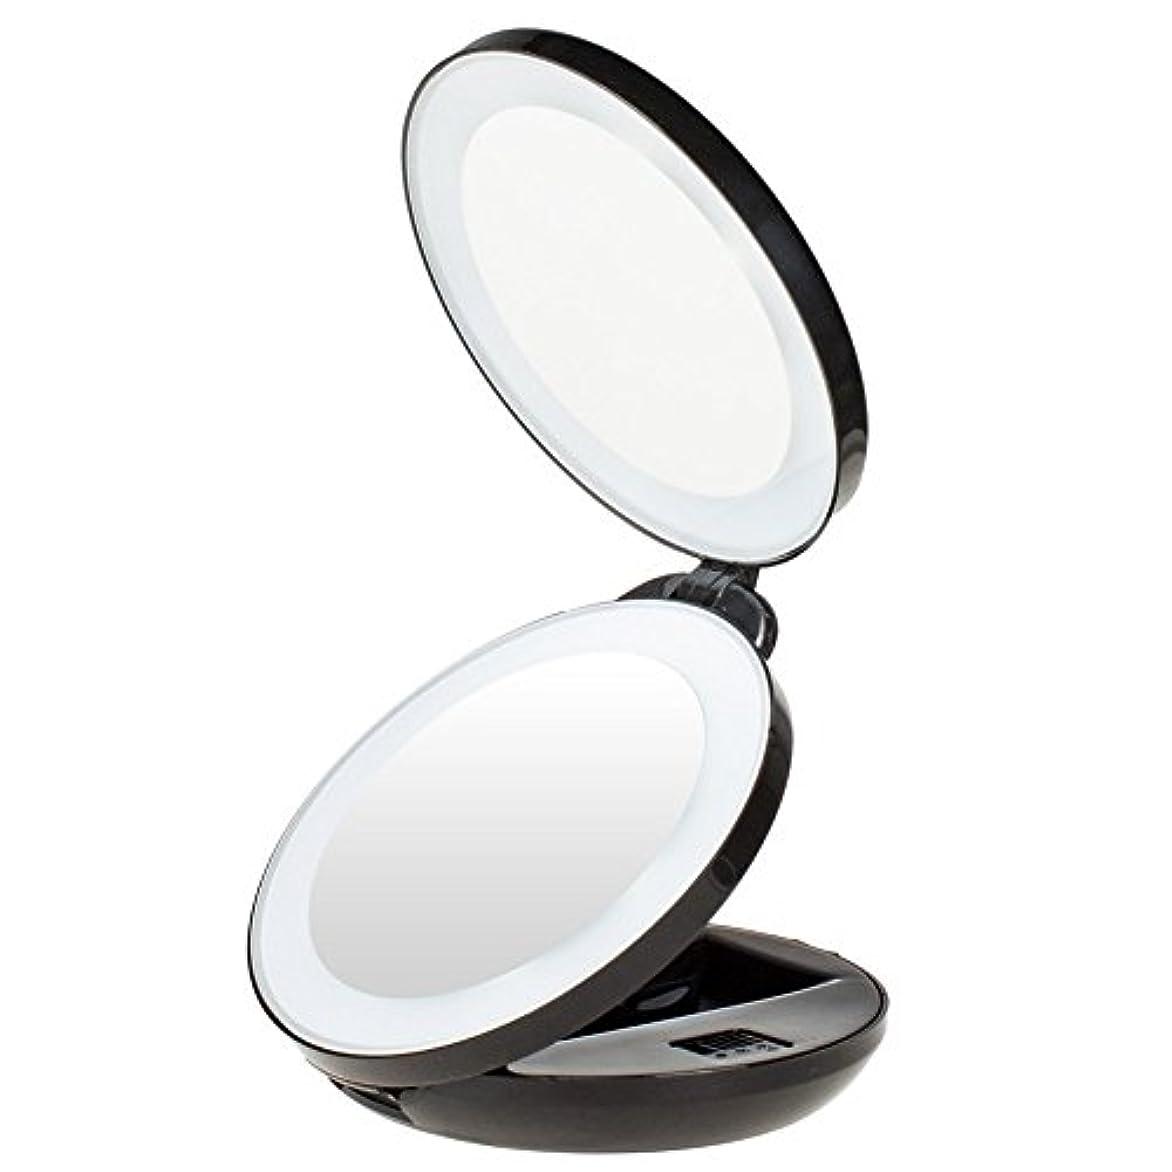 オーク指導する入場KEDSUM 手鏡 両面化粧鏡 コンパクトミラー LED化粧鏡 等倍鏡+10倍拡大鏡 LEDミラー 角度調整 折り畳み 丸型 おしゃれ ハンド 携帯ミラー 旅行ミラー 女優ミラー